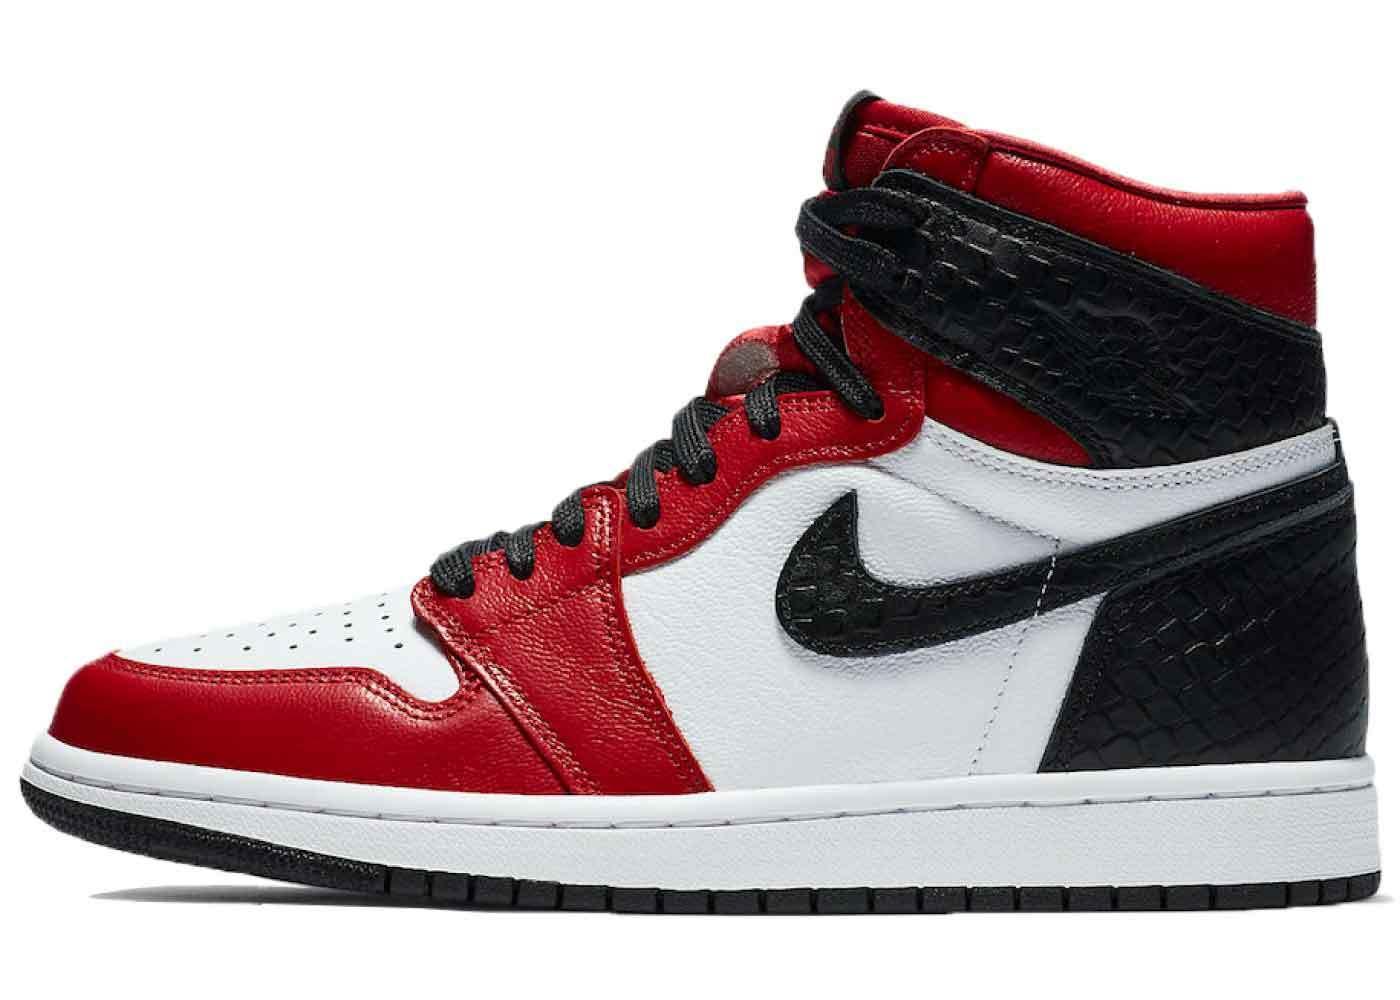 Nike Air Jordan 1 High OG Satin Snake Womensの写真